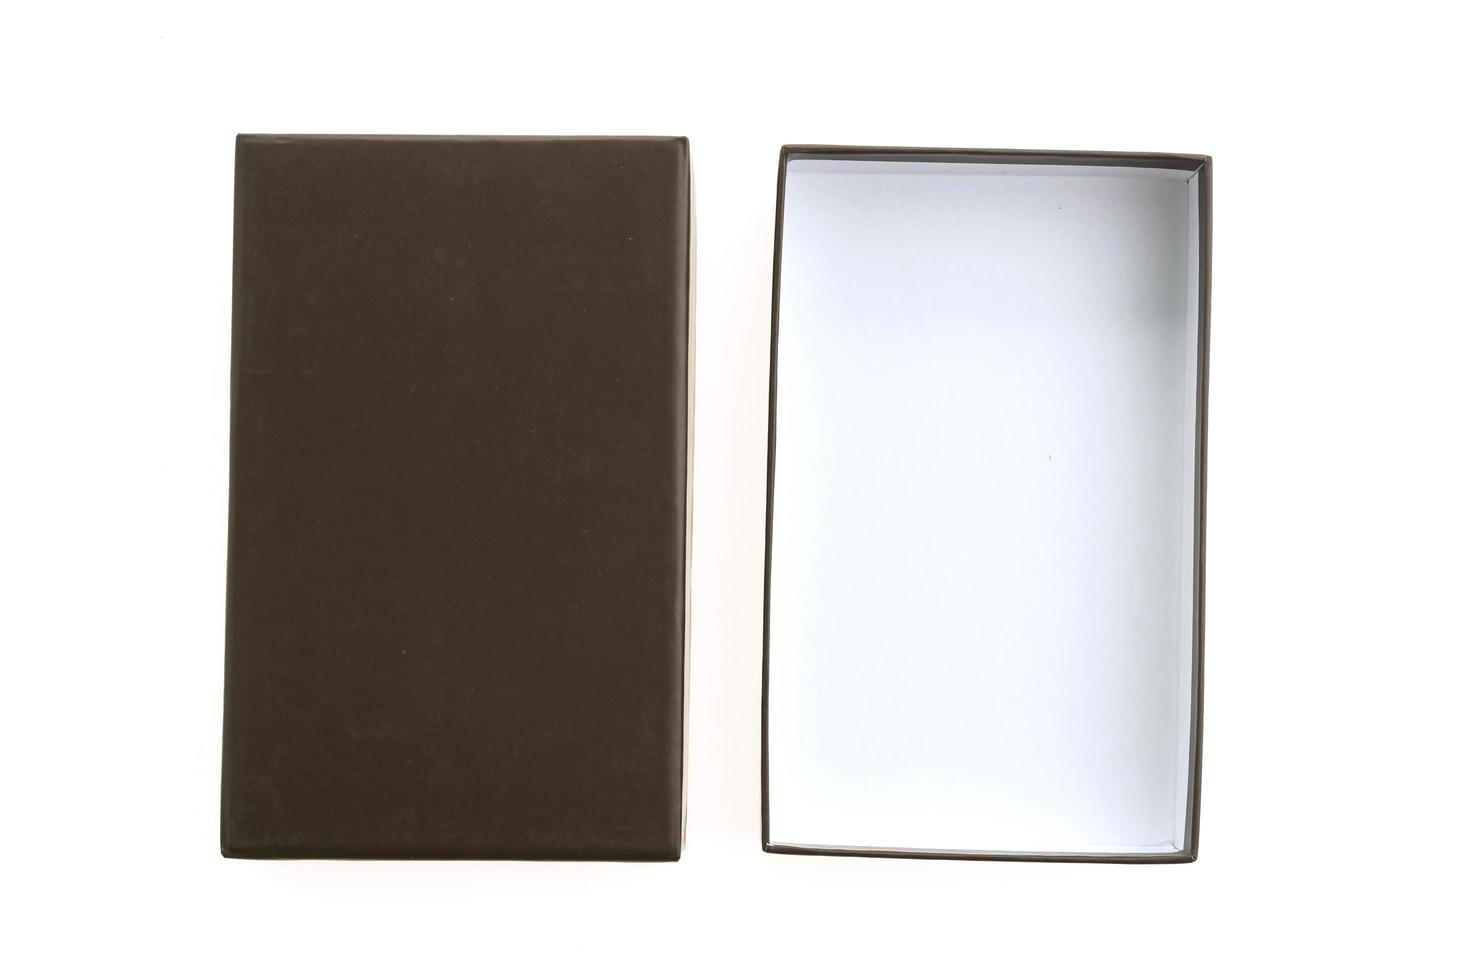 zwarte doos op witte achtergrond foto